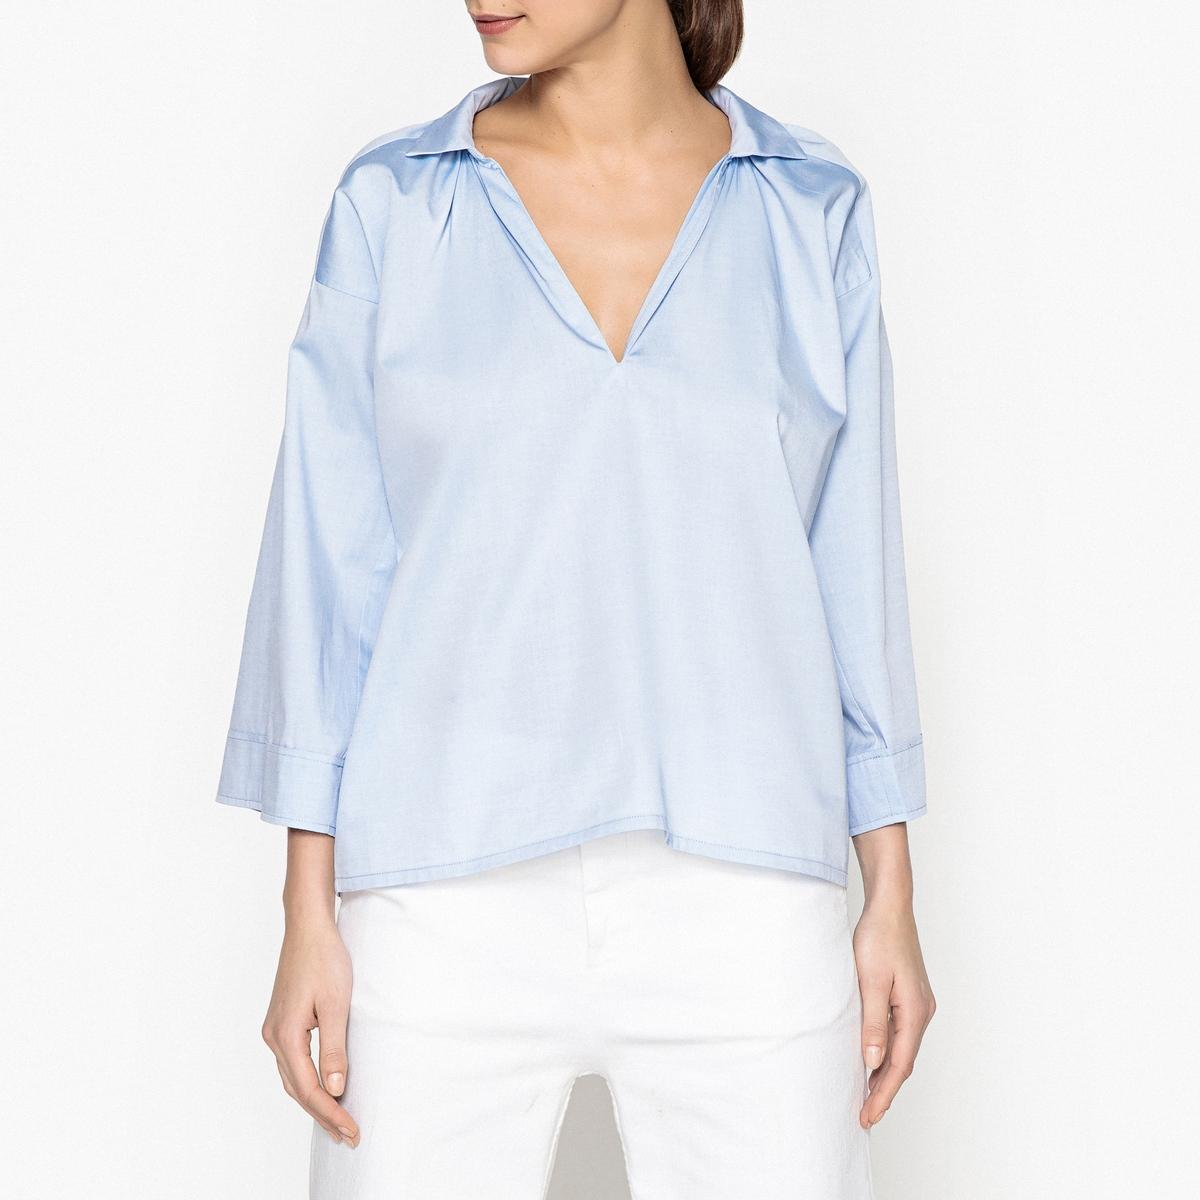 Рубашка LaRedoute Широкого покроя MOSS S синий блузка laredoute прямого покроя с бахромой l бежевый